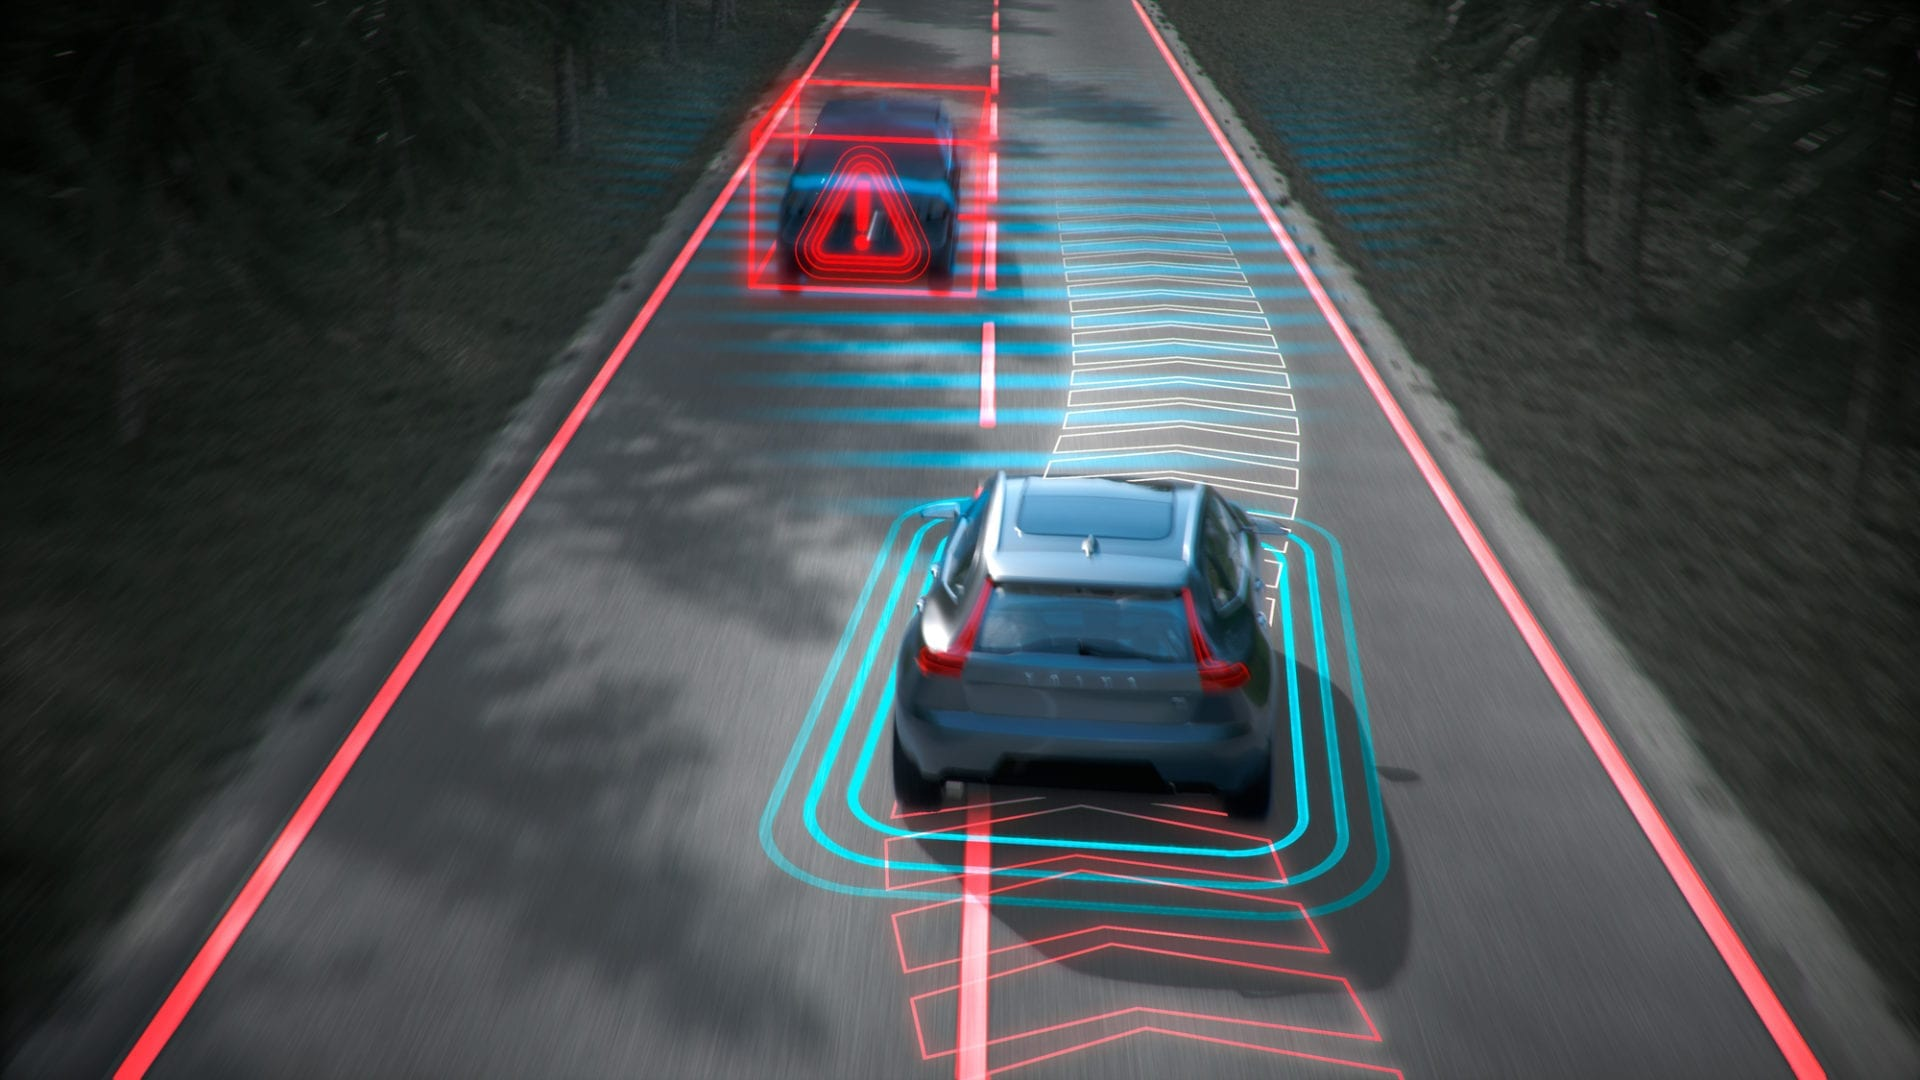 Функция предотвращения выезда на встречную полосу (Oncoming Lane Mitigation) фото 2